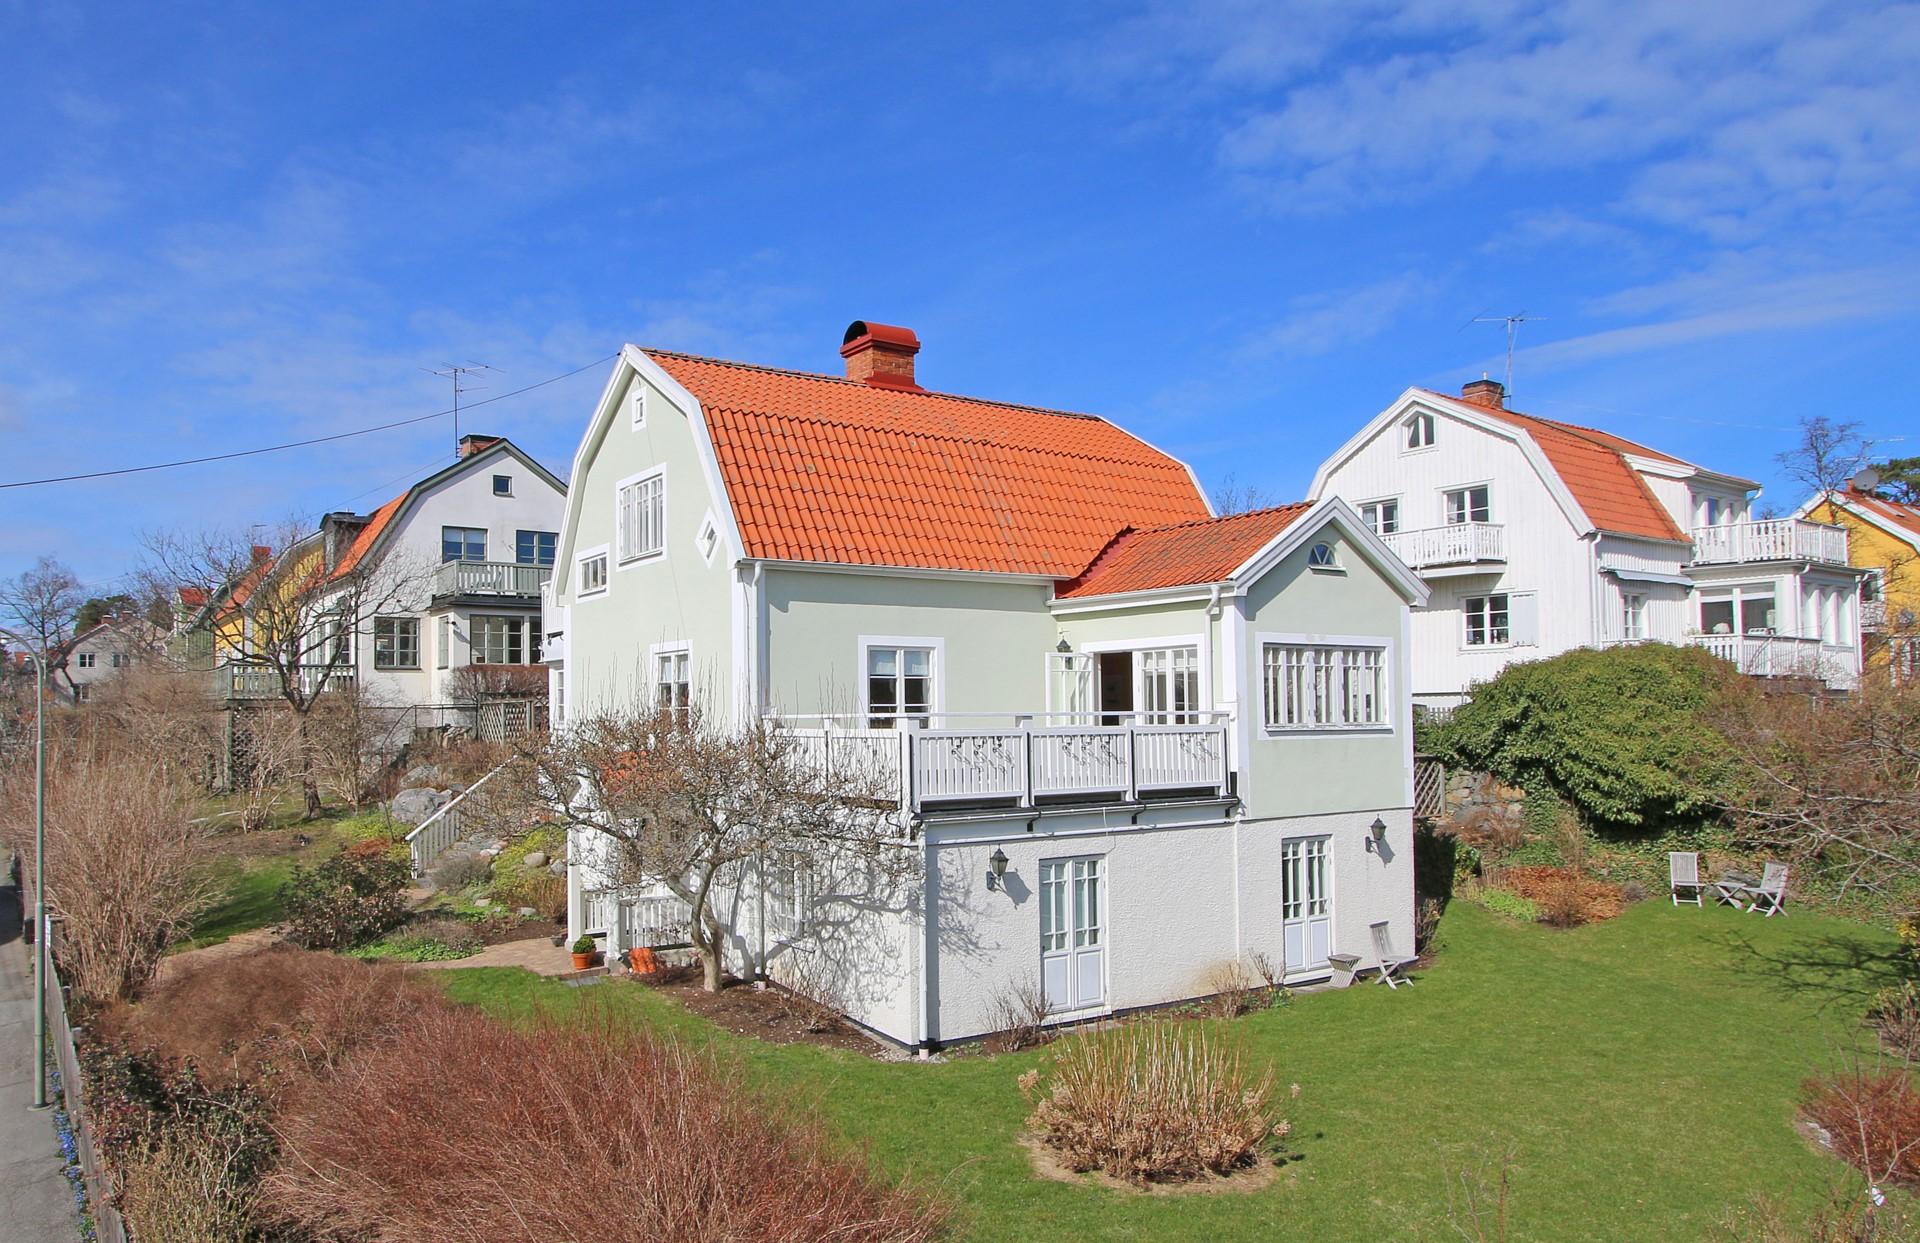 När du söker en exklusiv villa i Bromma. Drömboende nära Stockholm